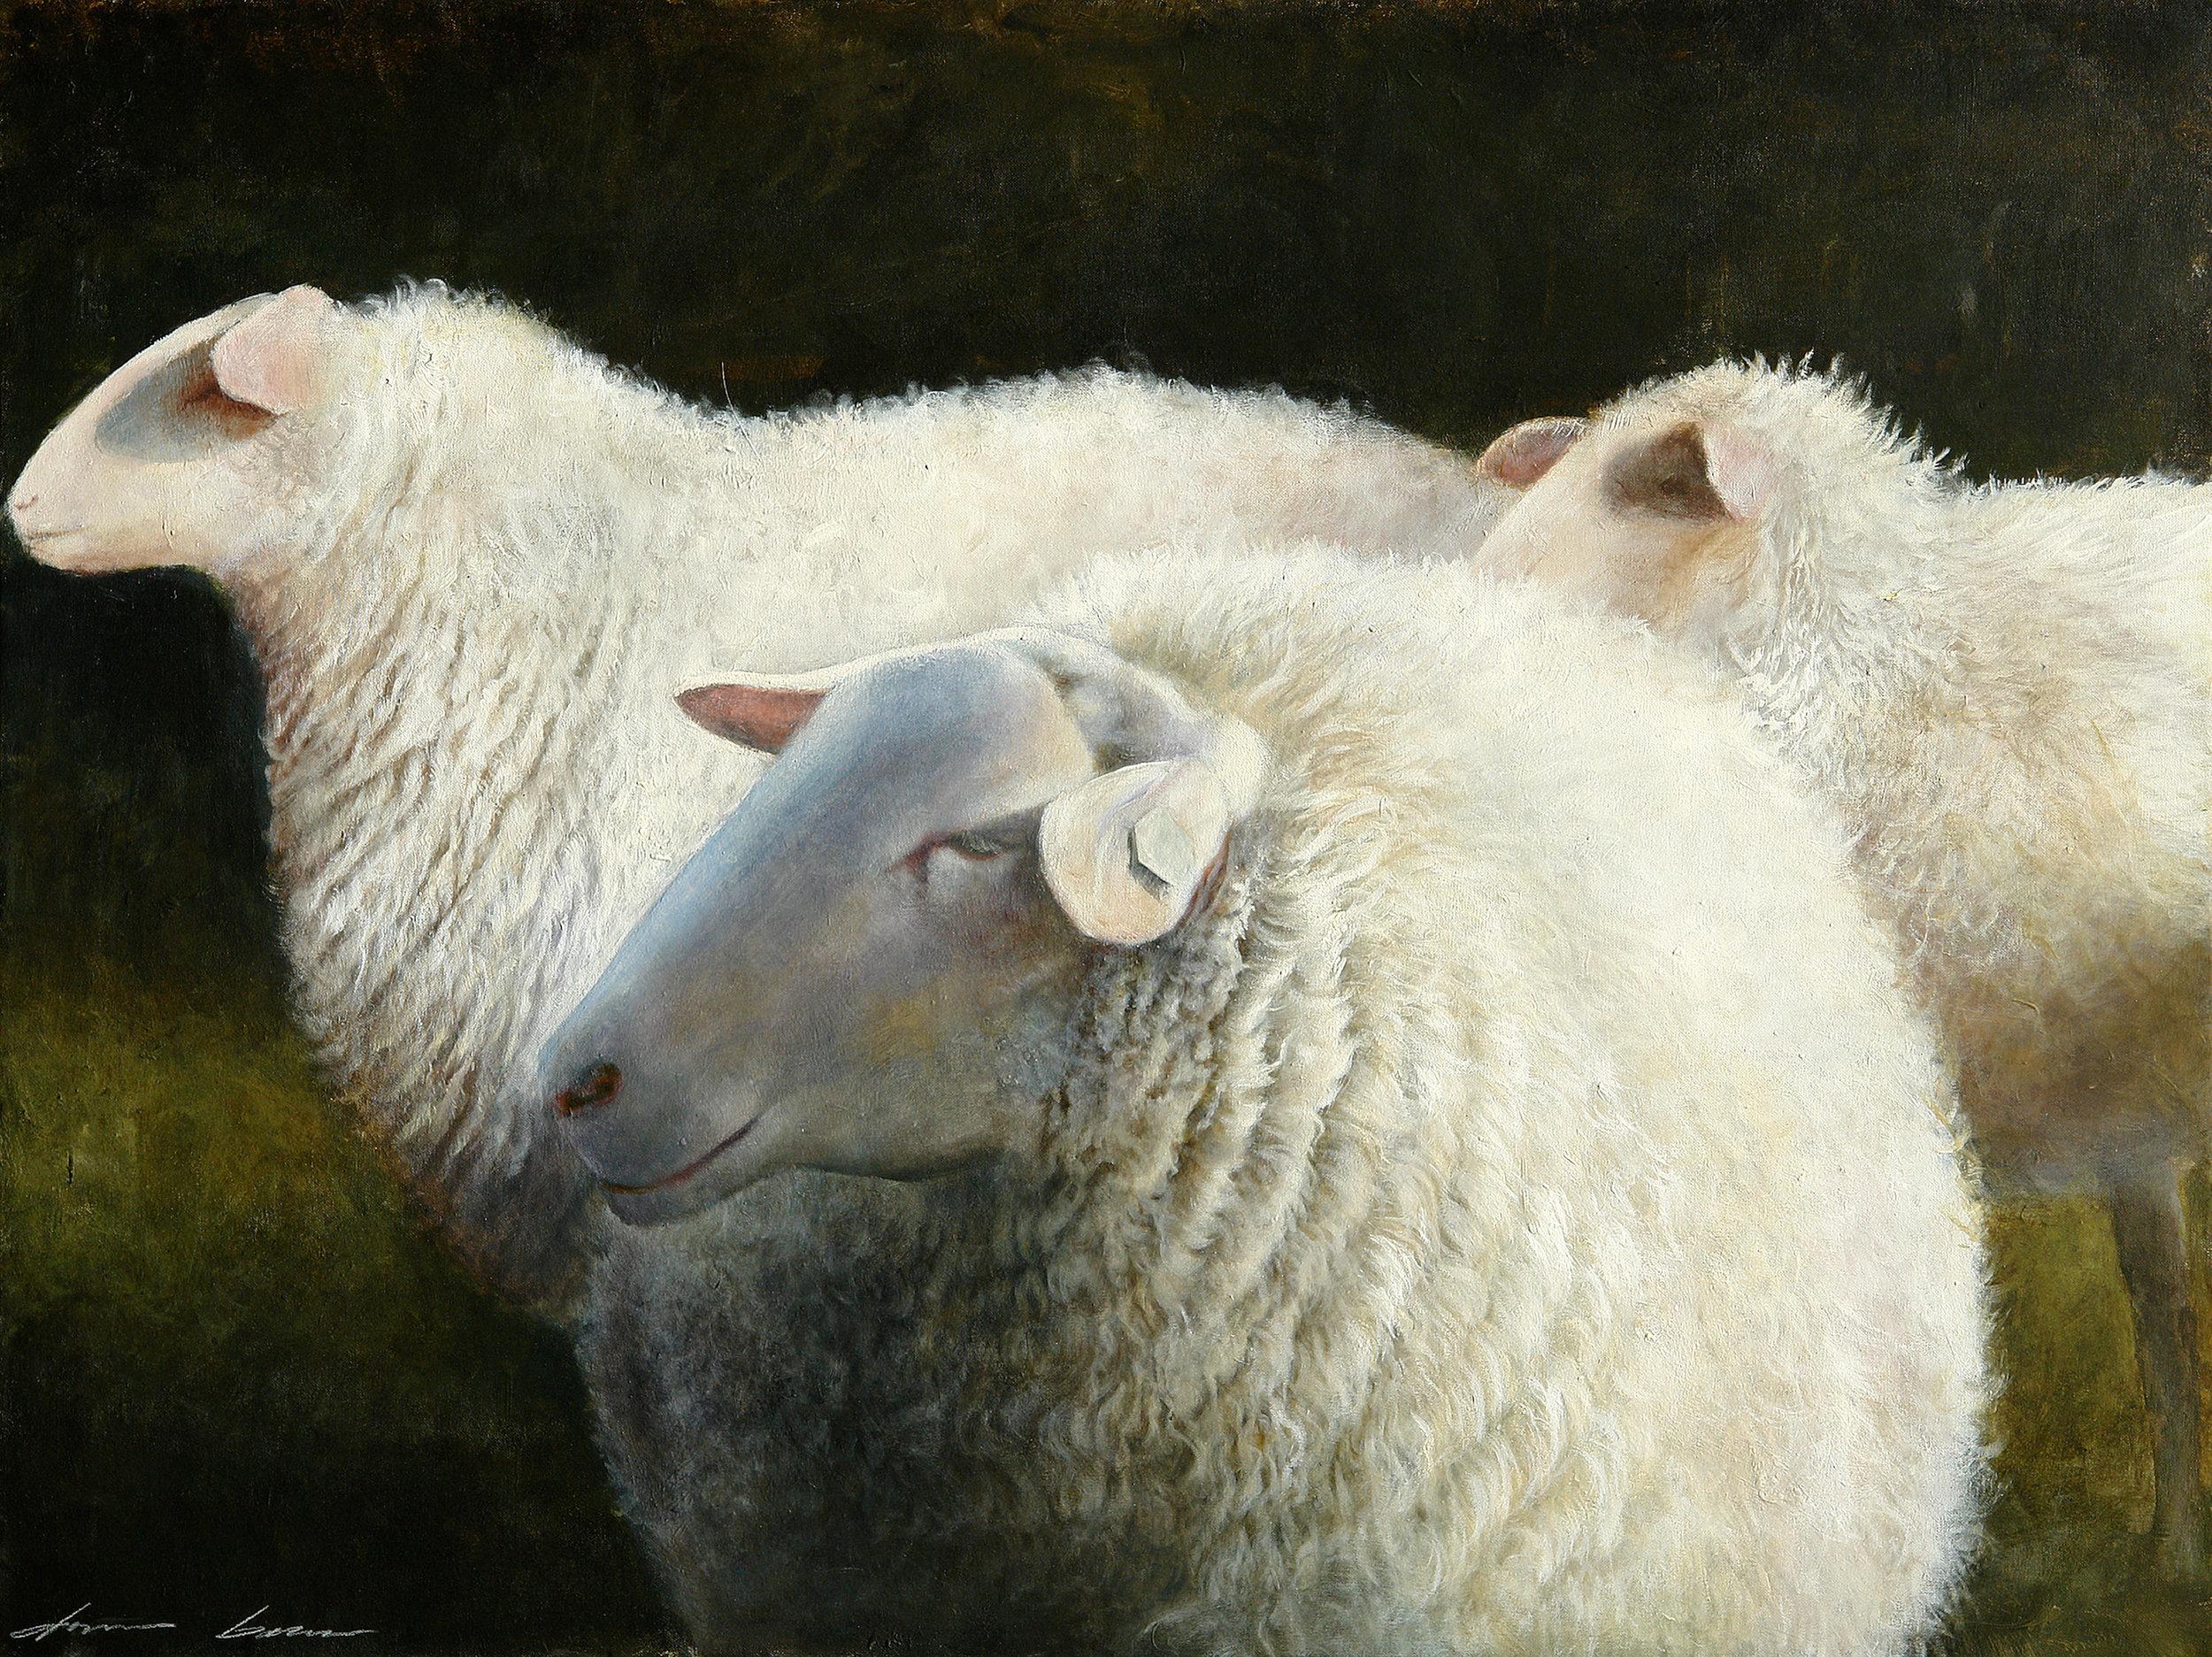 Sheepongreen.jpg